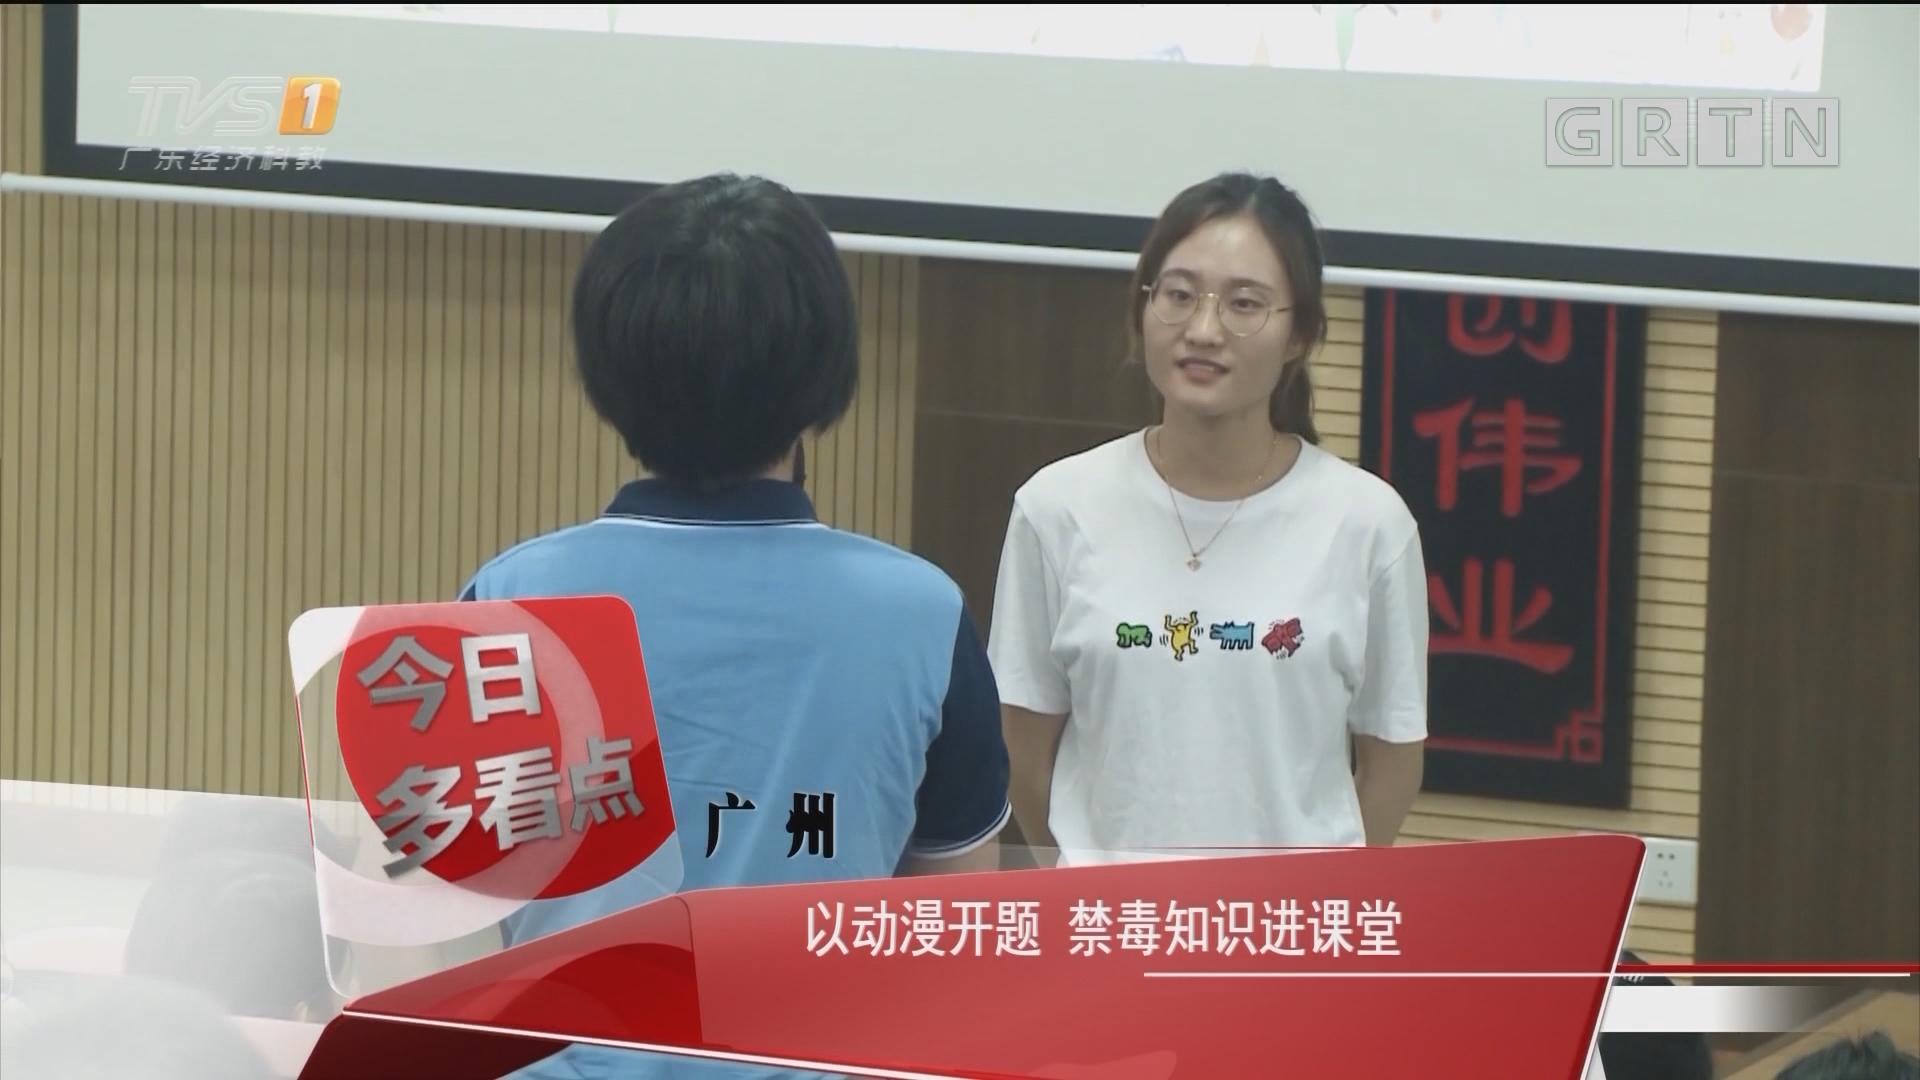 广州:以动漫开题 禁毒知识进课堂